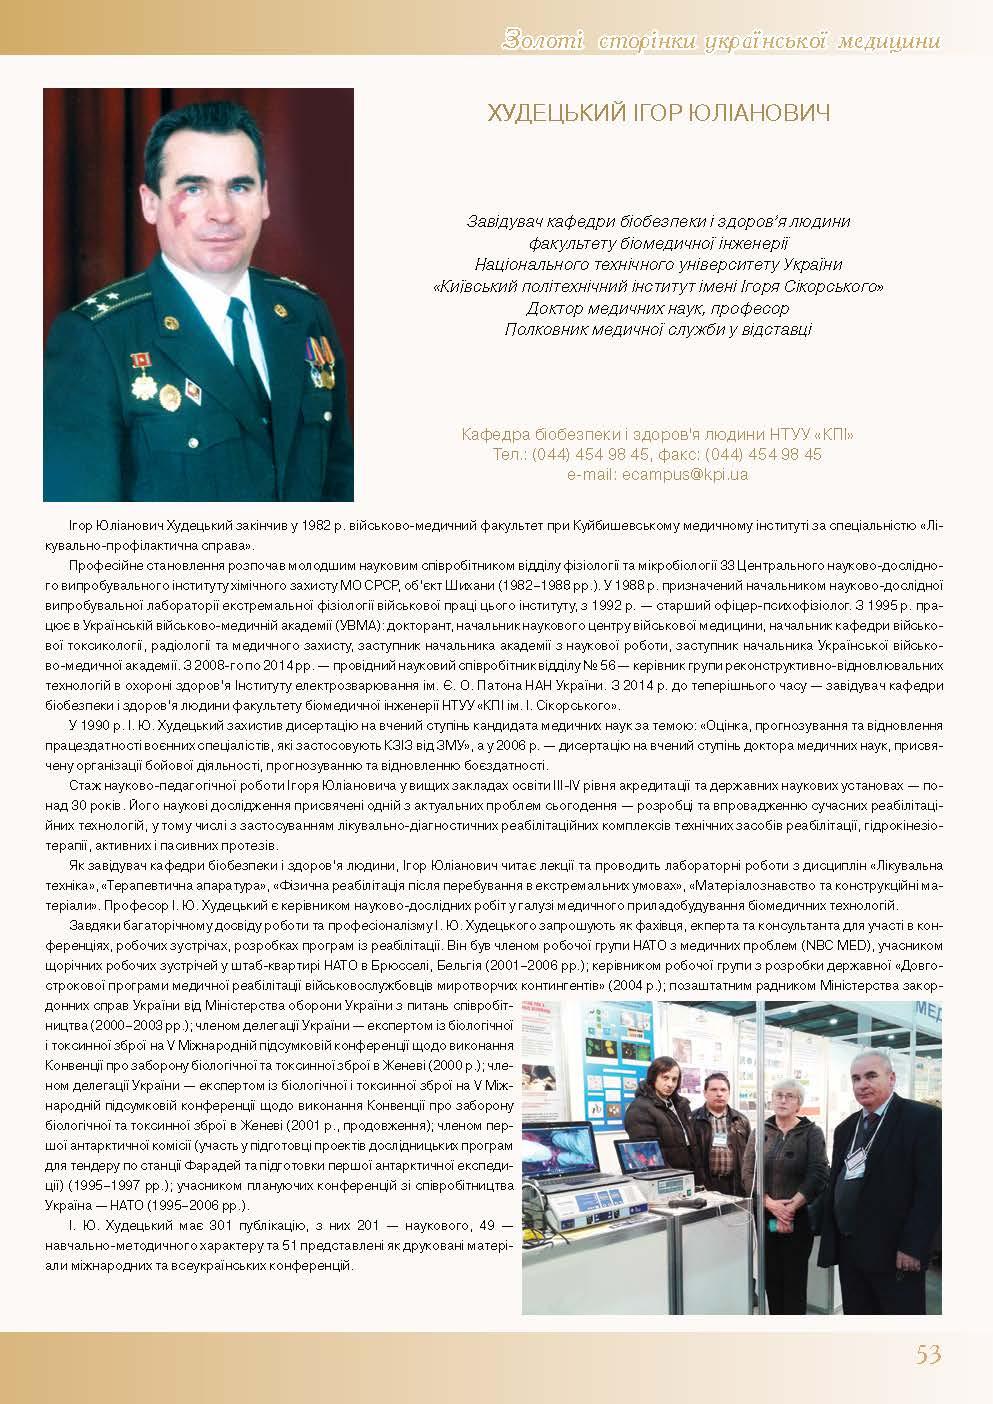 Худецький Ігор Юліанович